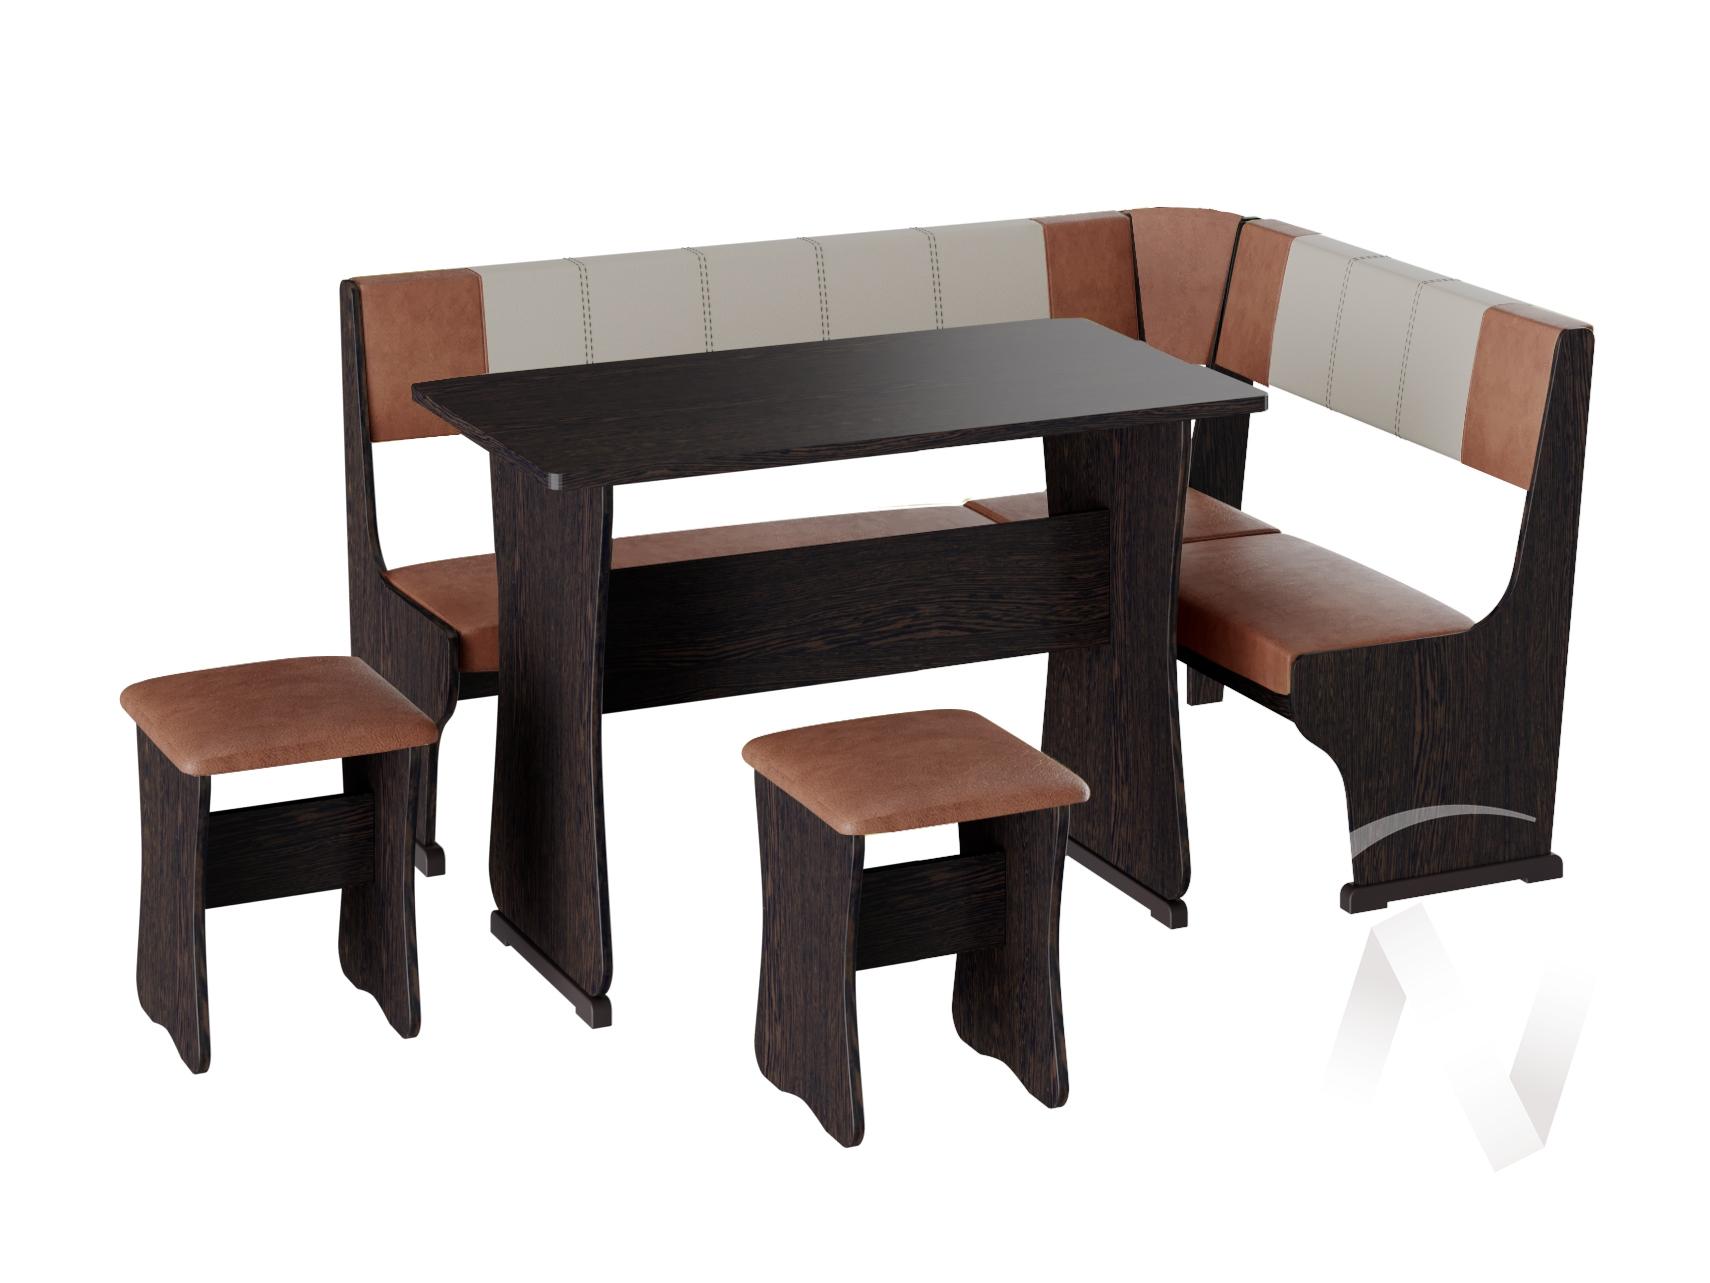 Кухонный уголок Гамма тип 1 кожзам (венге/рыжий,бежевый)  в Томске — интернет магазин МИРА-мебель